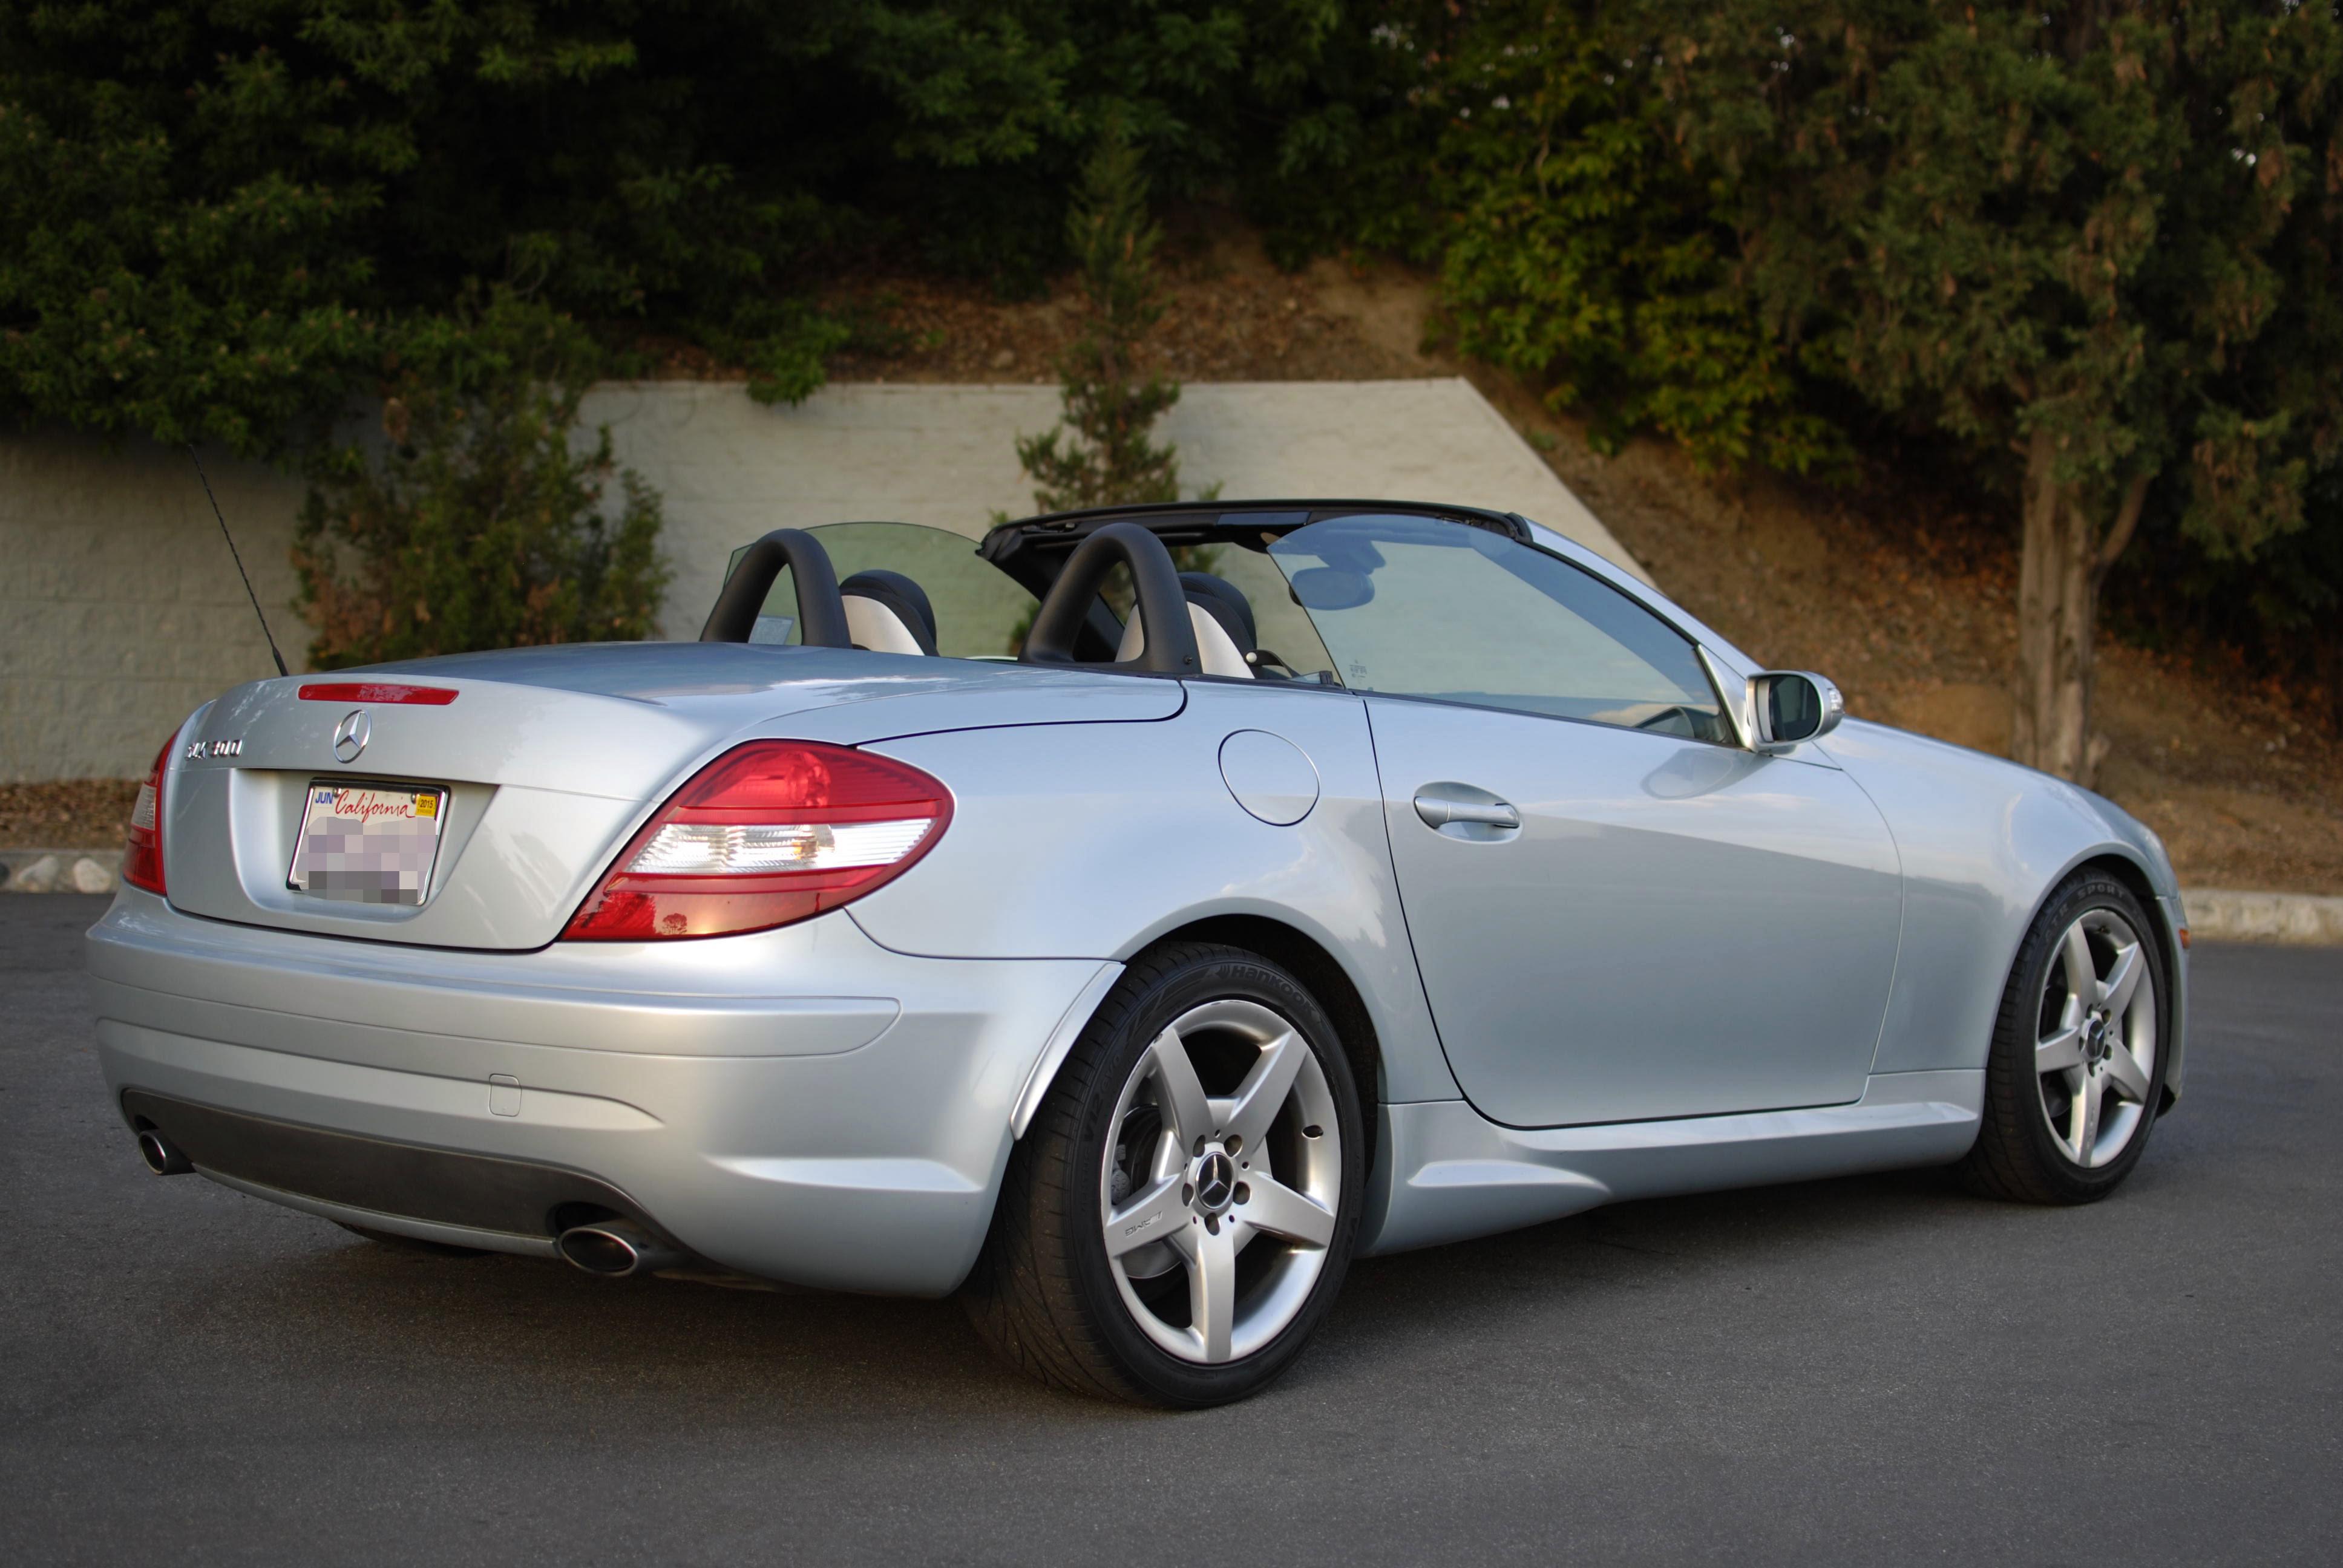 2006 SLK 280 low price in California - Mercedes Benz SLK Forum